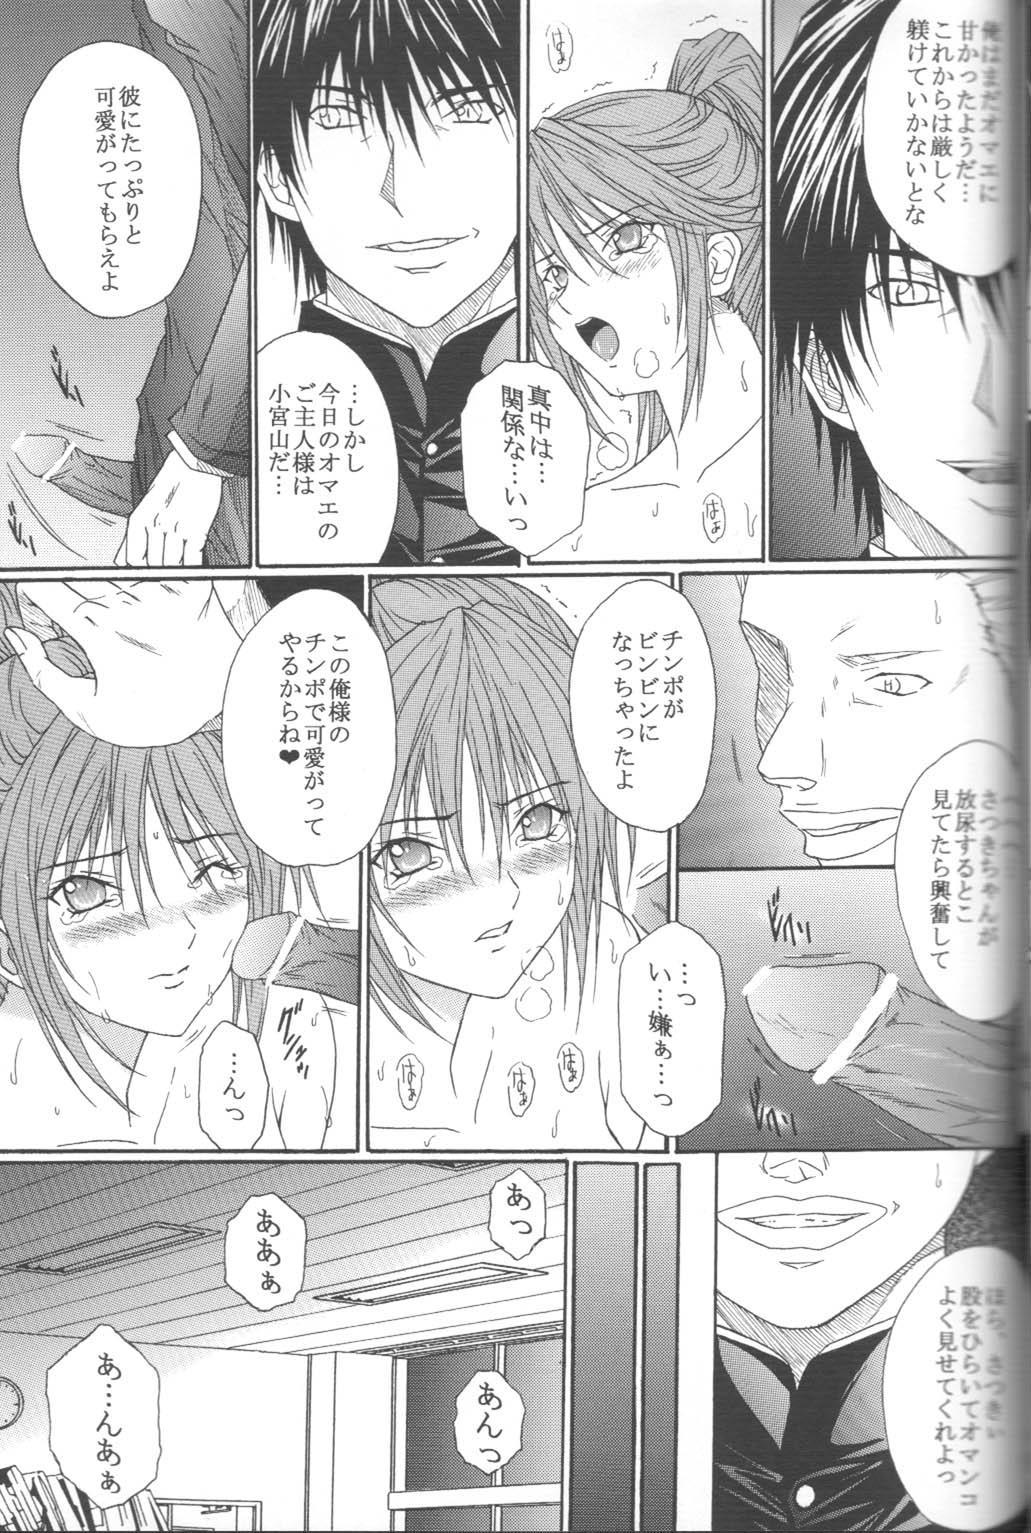 Ryoujoku Rensa 05 17